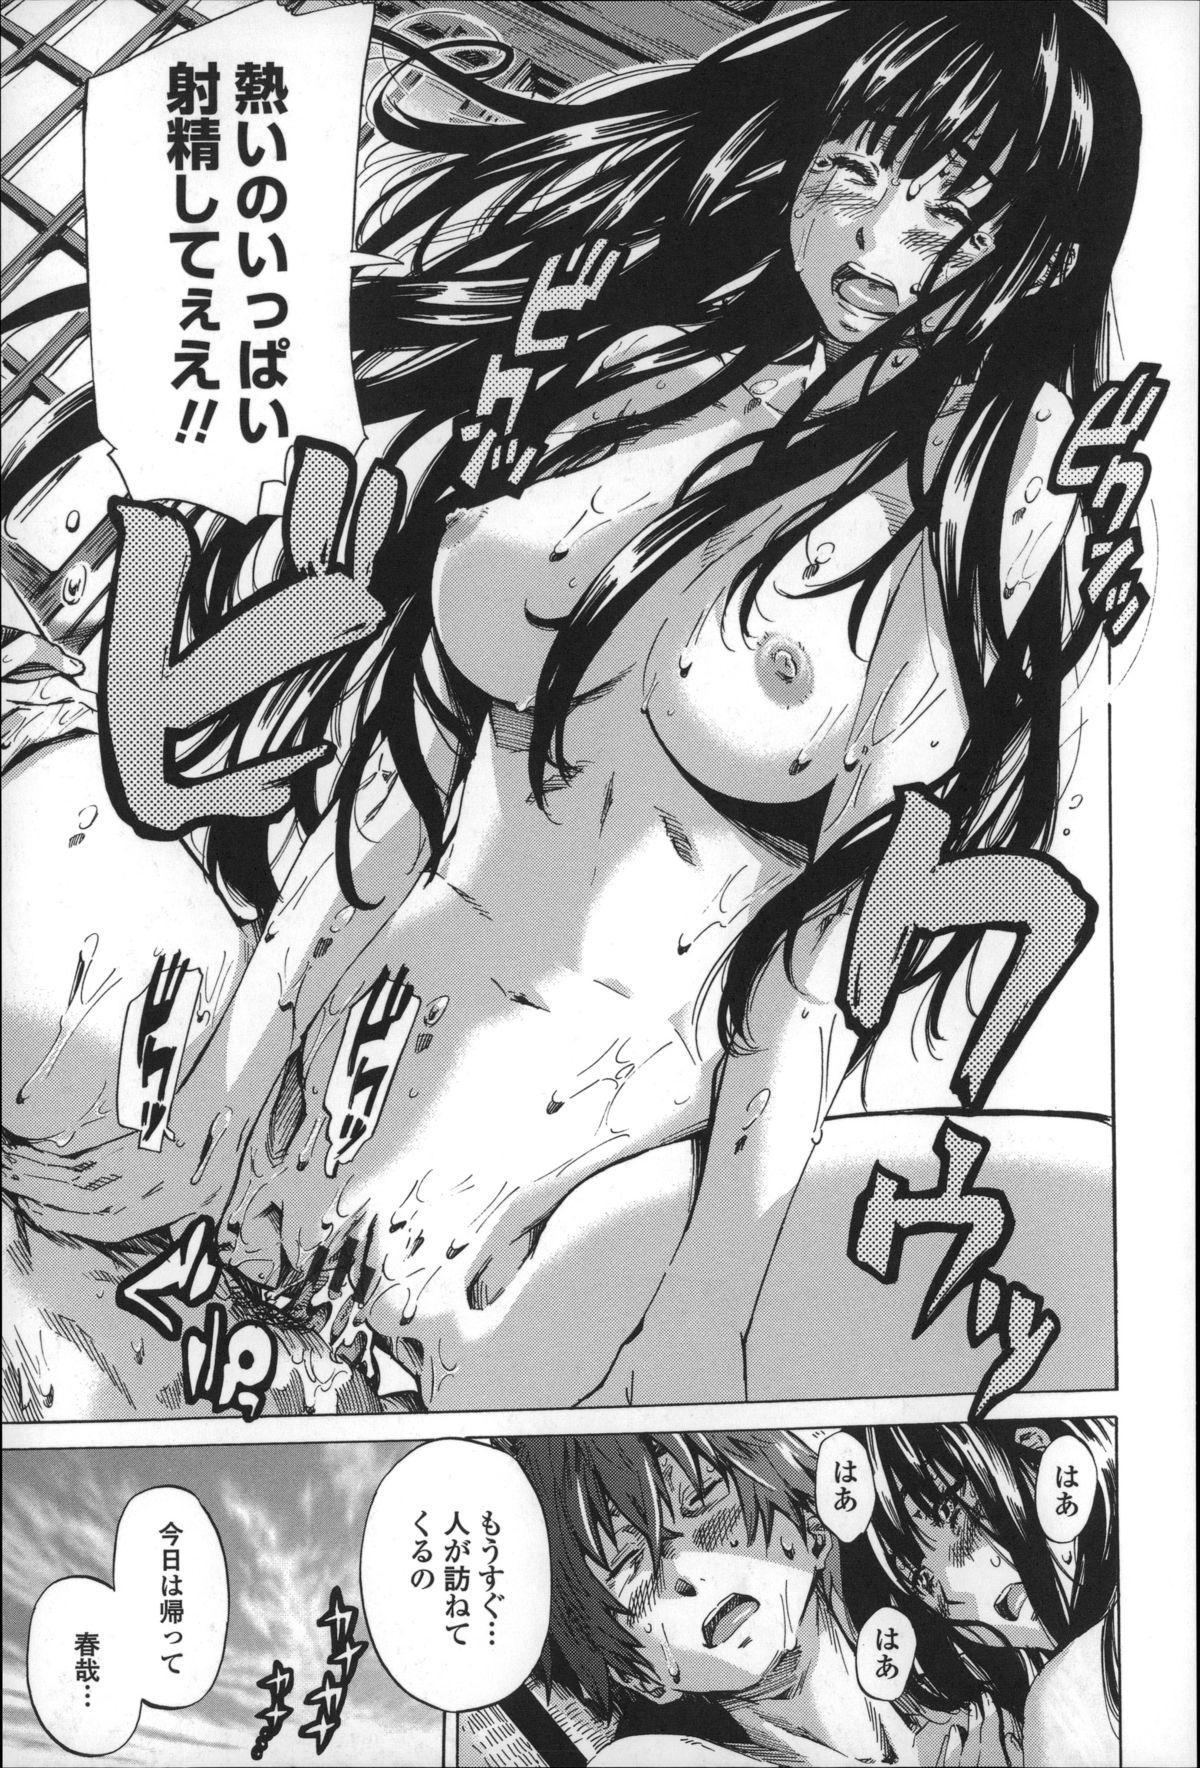 Choushin de Mukuchi no Kanojo ga Hatsujou Shite Kitara Eroiyo ne? 128